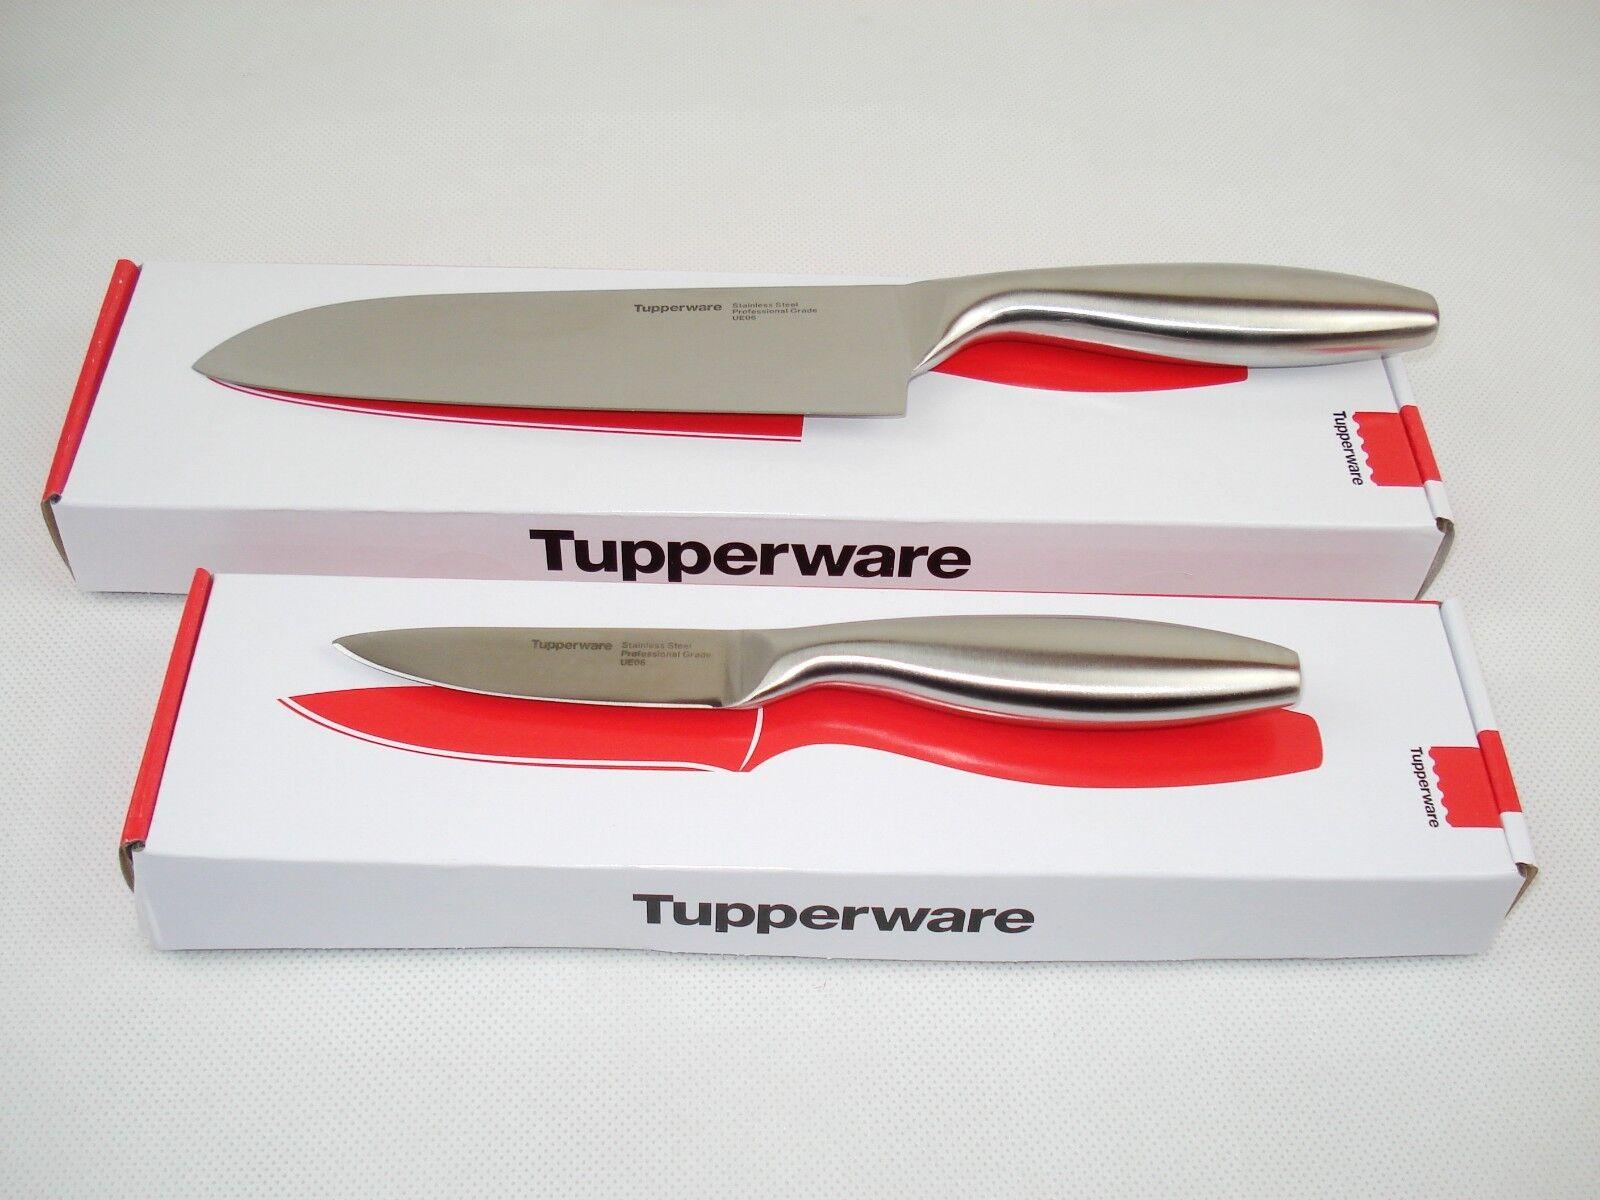 Tupperware Santoku Couteau Set asiatique PROFESSIONNEL-COUTEAU éPLUCHEUR & Solingen